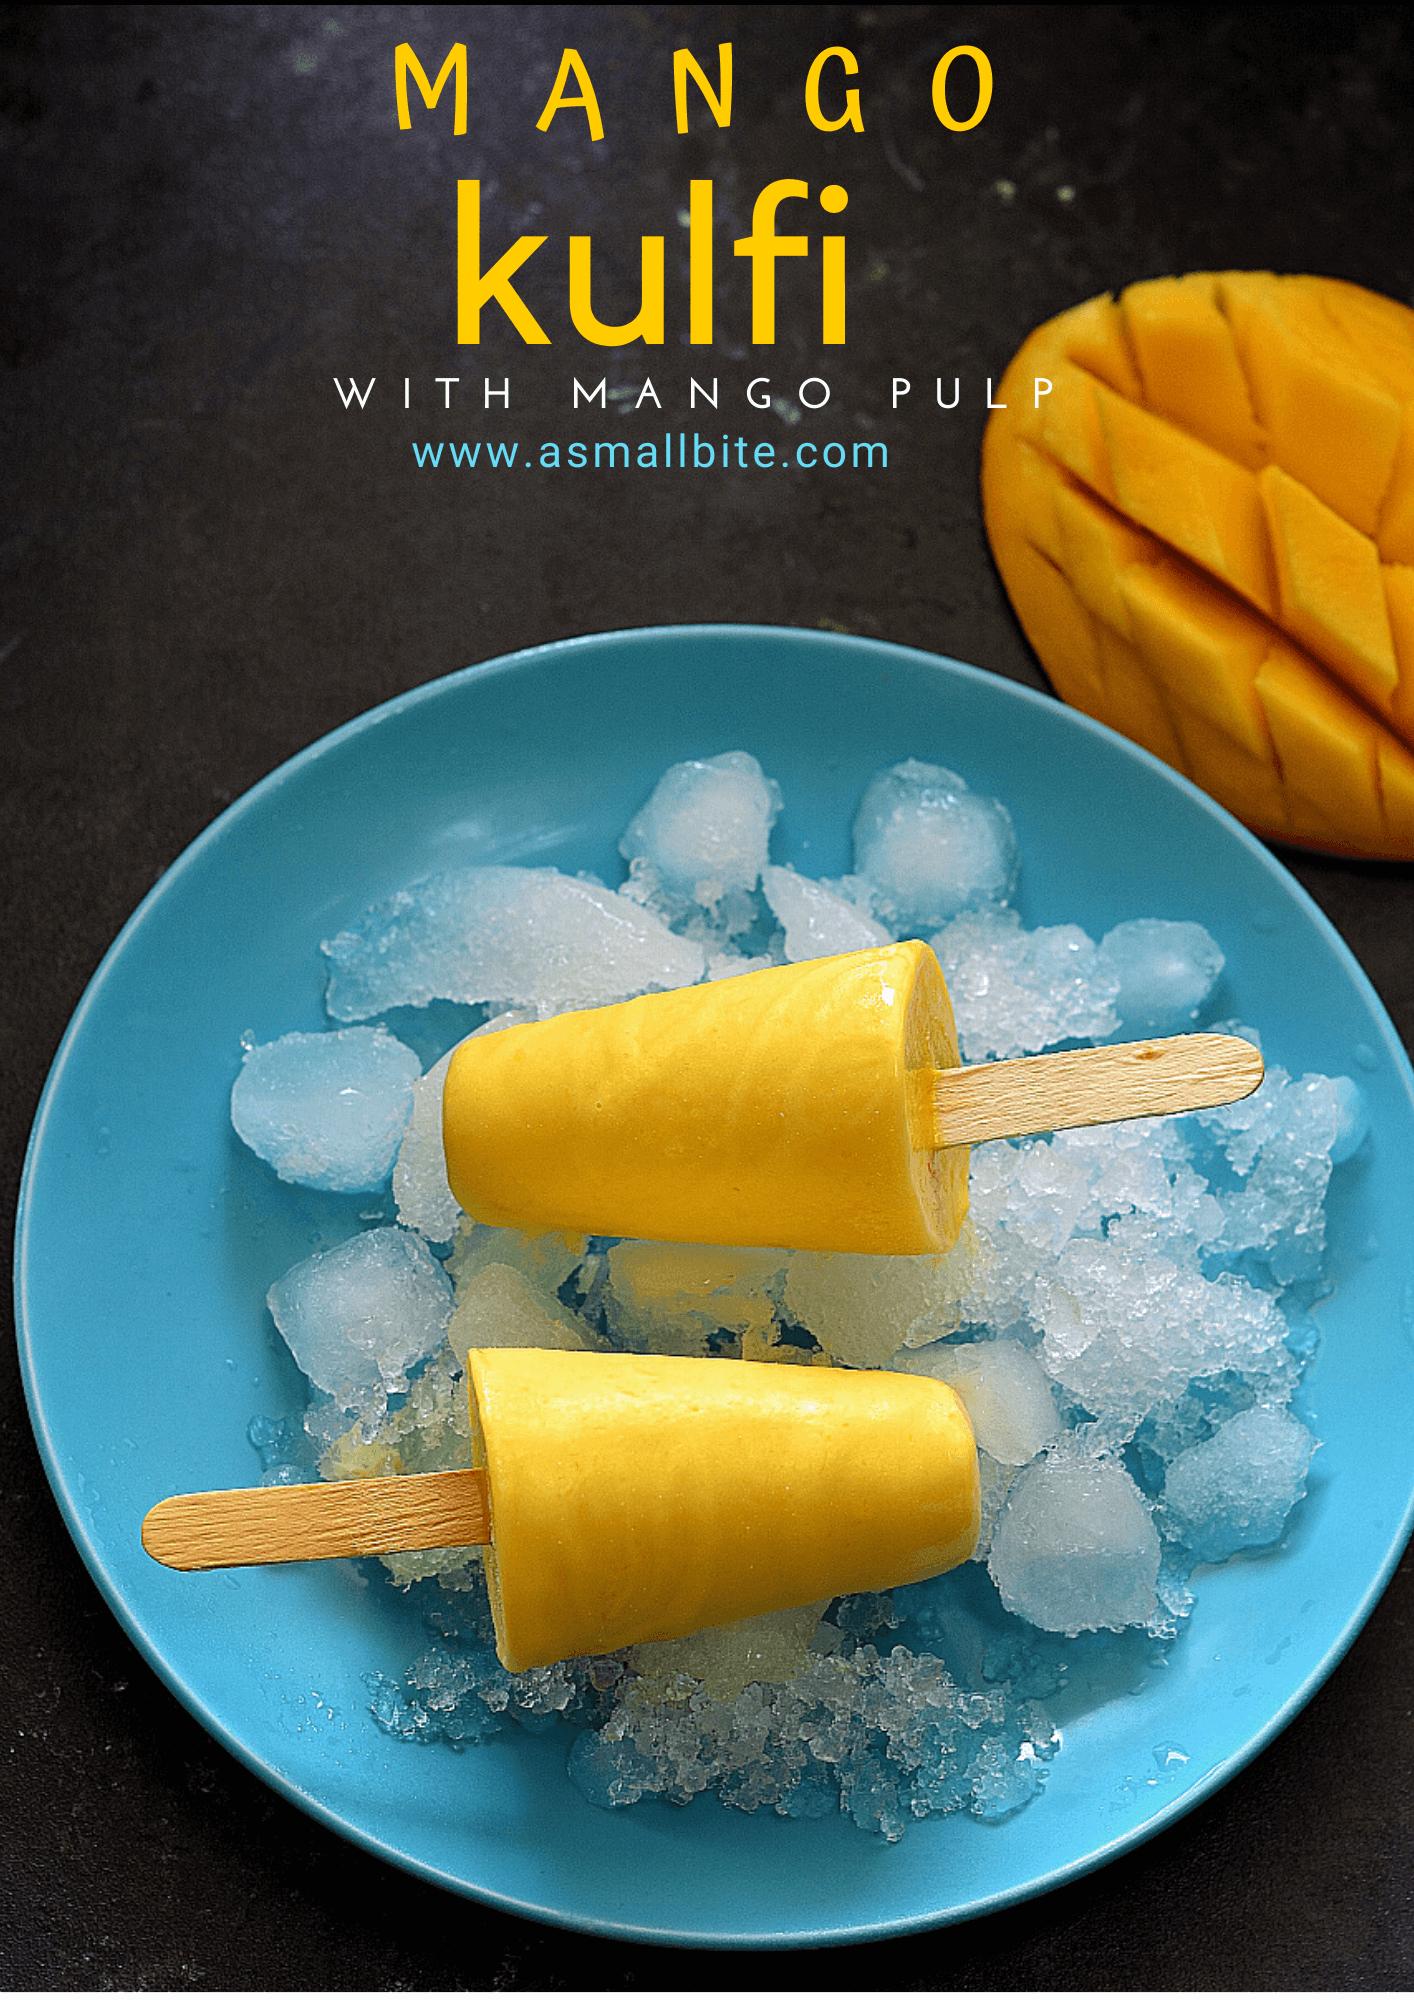 Mango Kulfi with Mango pulp